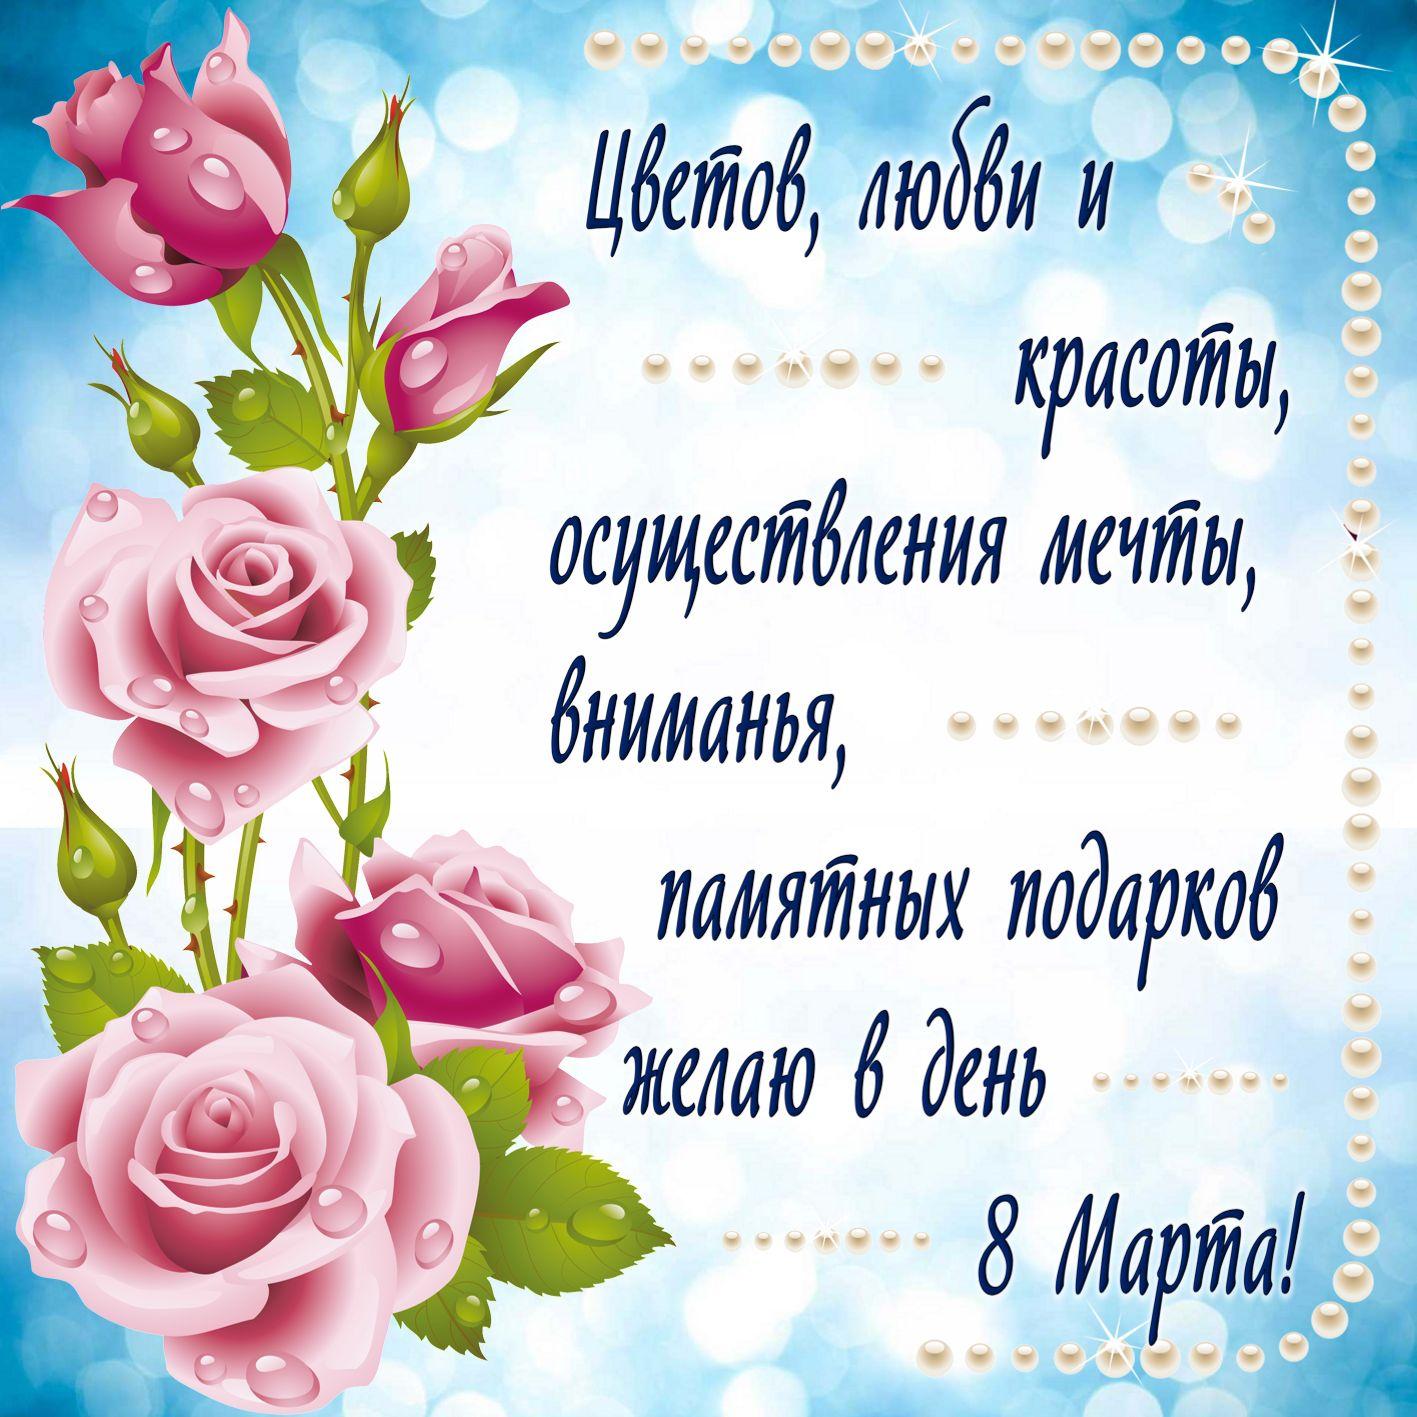 Открытка с 8 марта - рисованная роза в каплях росы и пожелание